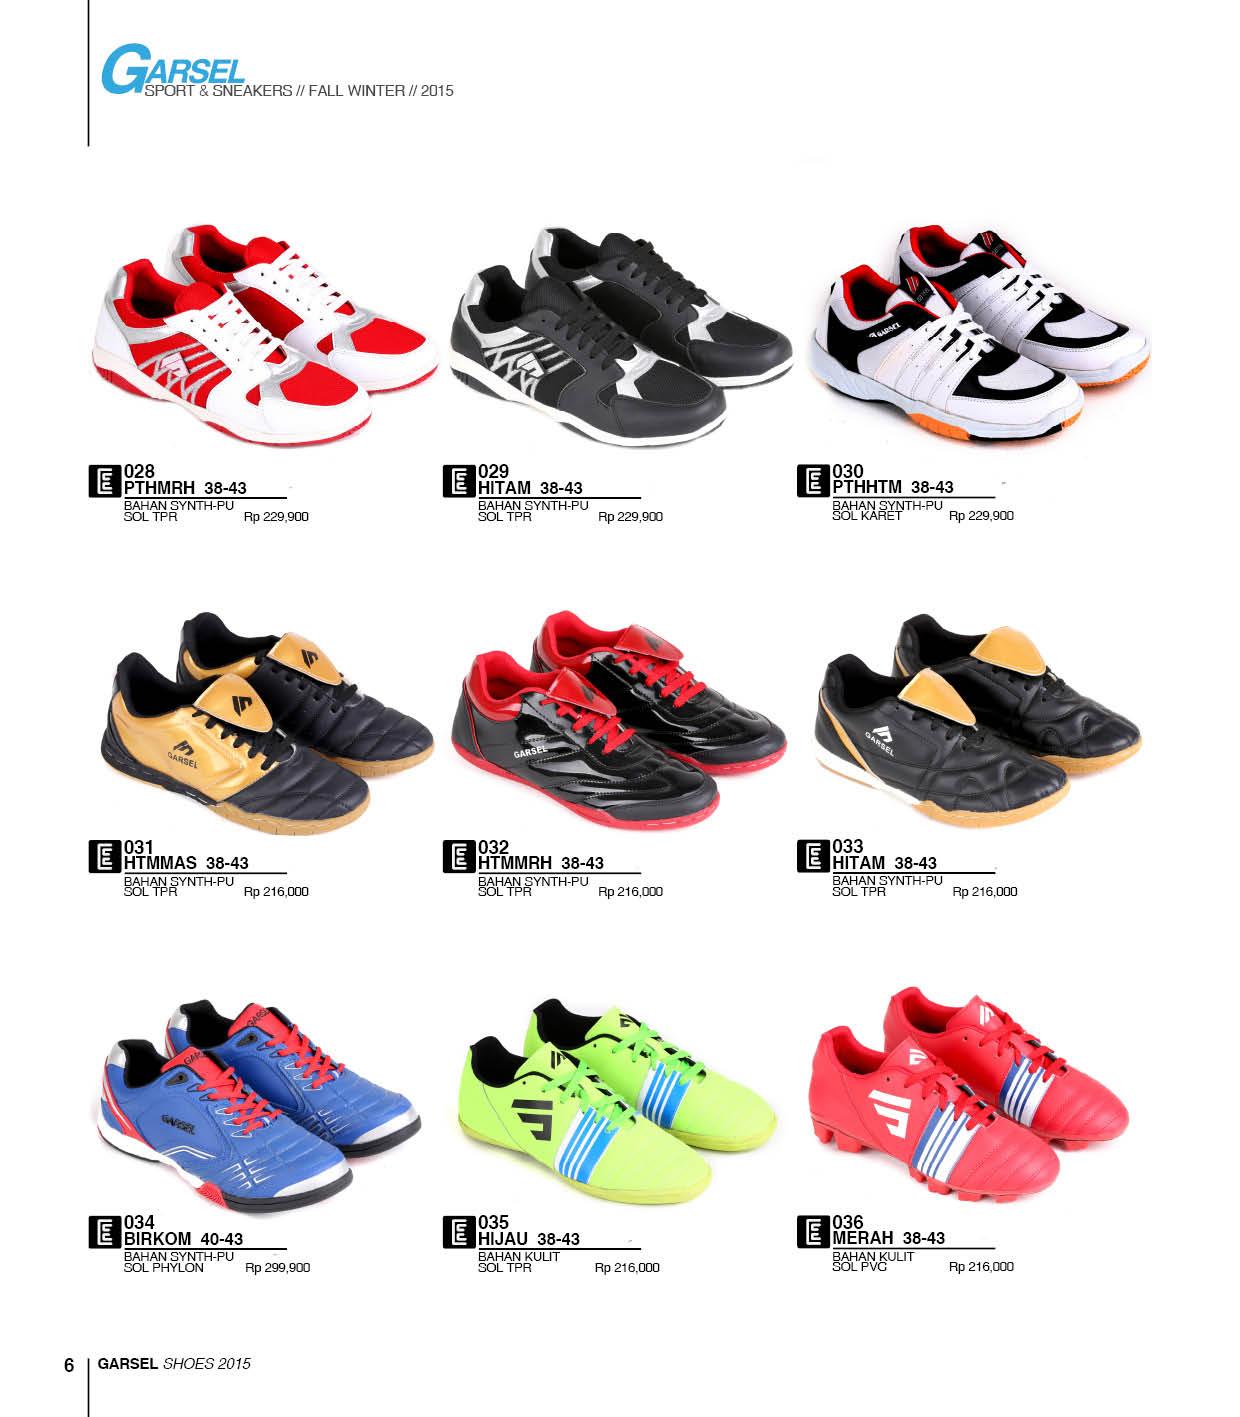 Katalog Terbaru Sepatu Dan Sandal Garsel 2015 2016 Distro Model Cowo Gars Diskon 25 Dari Harga Yang Tertera Di Pemesanan Langsung Sms Saja Order Kode Produk Ukuran Jumlah Nama Alamat Lengkap Hp